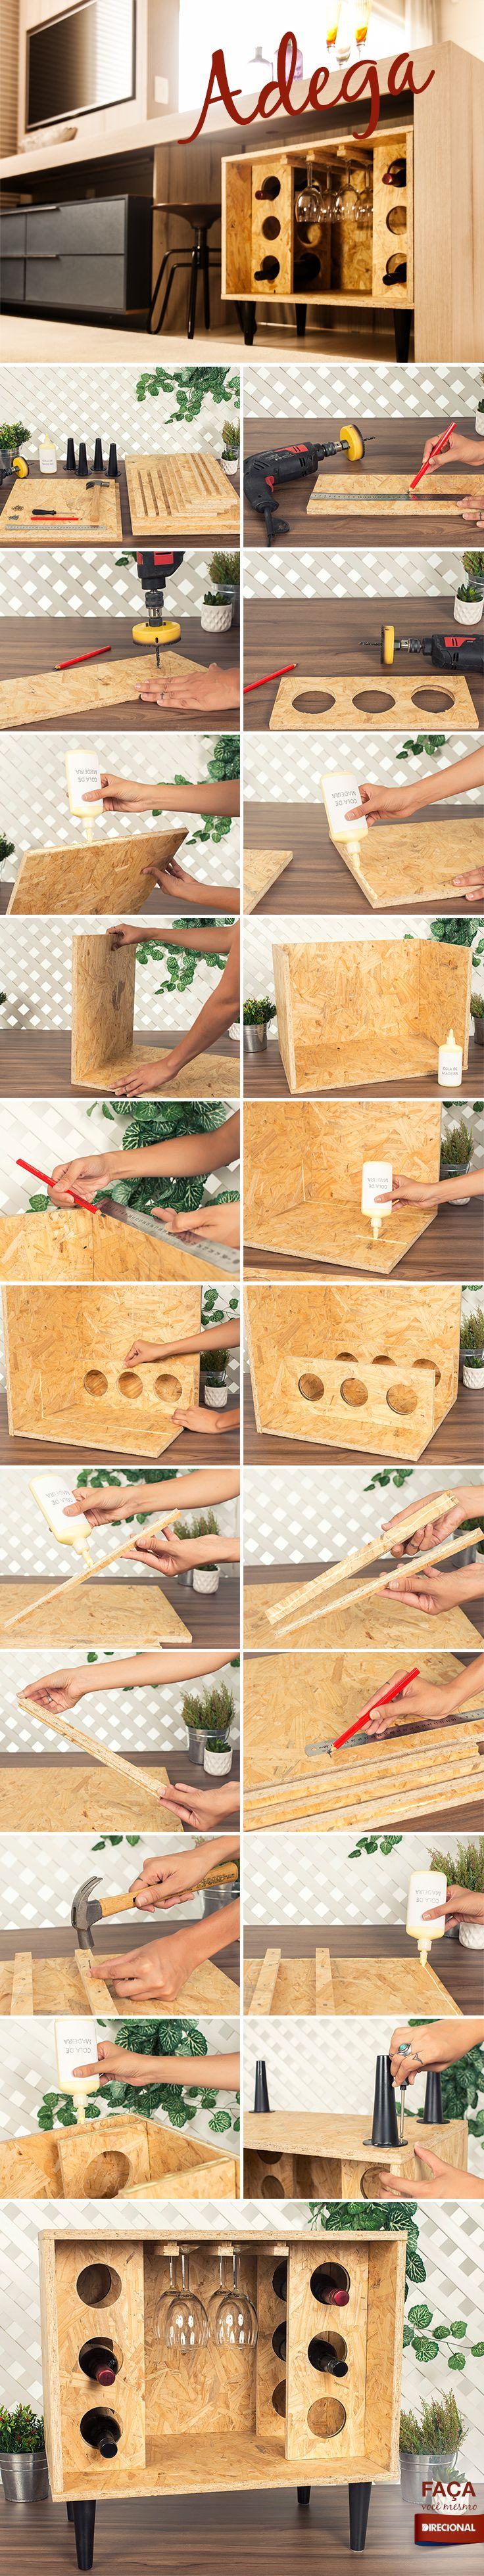 O nosso tutorial da semana vai ensiná-lo a fazer uma adega simples e bonita para decorar sua casa e armazenar as bebidas. Material: Você encontra todos esses itens em lojas de materiais de construção e grandes varejos. Placas de OSB: 2 de 40x40cm (peças laterais) 2 de 40x60cm (base e tampo) 1 de 40x57cm (fundo) 4 de 15x40cm 3 de 1,5x35cm 3 de 2,5x35cm Cola para madeira Pregos Pés de sofá/mesa Parafusos Furadeira Broca para madeira Broca serra copo